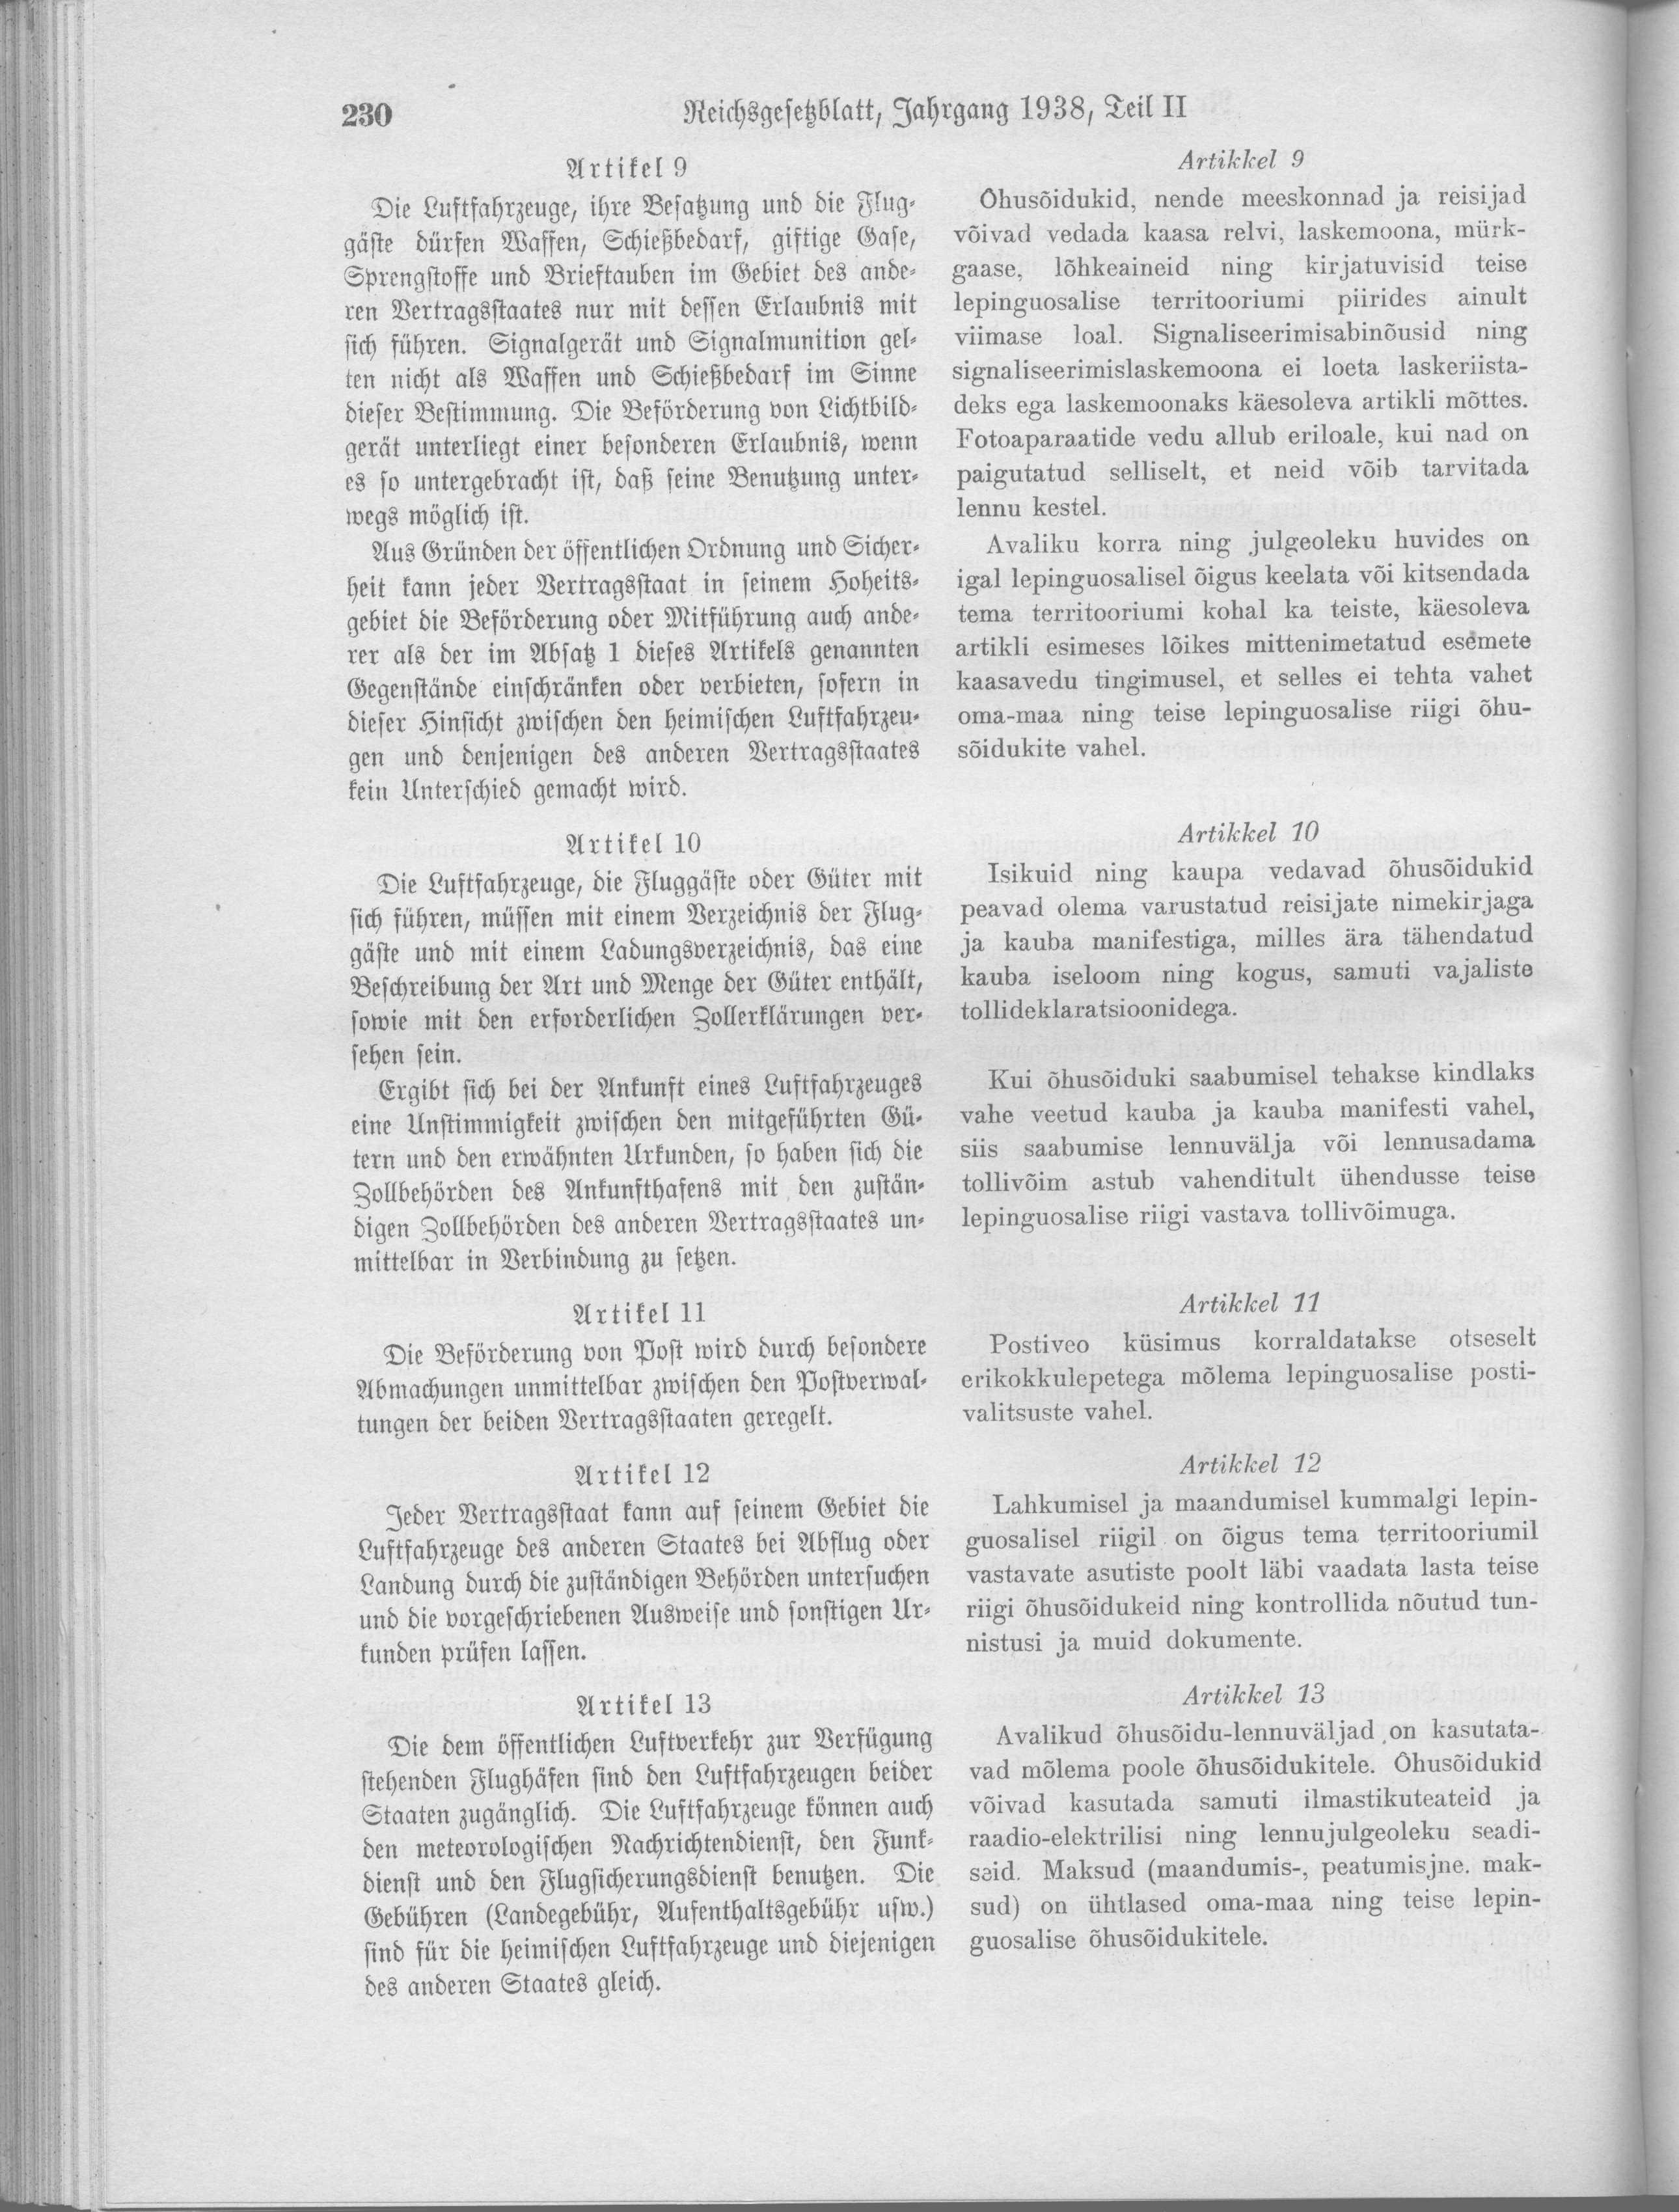 File:Deutsches Reichsgesetzblatt 38T2 023 0230 jpg - Wikimedia Commons